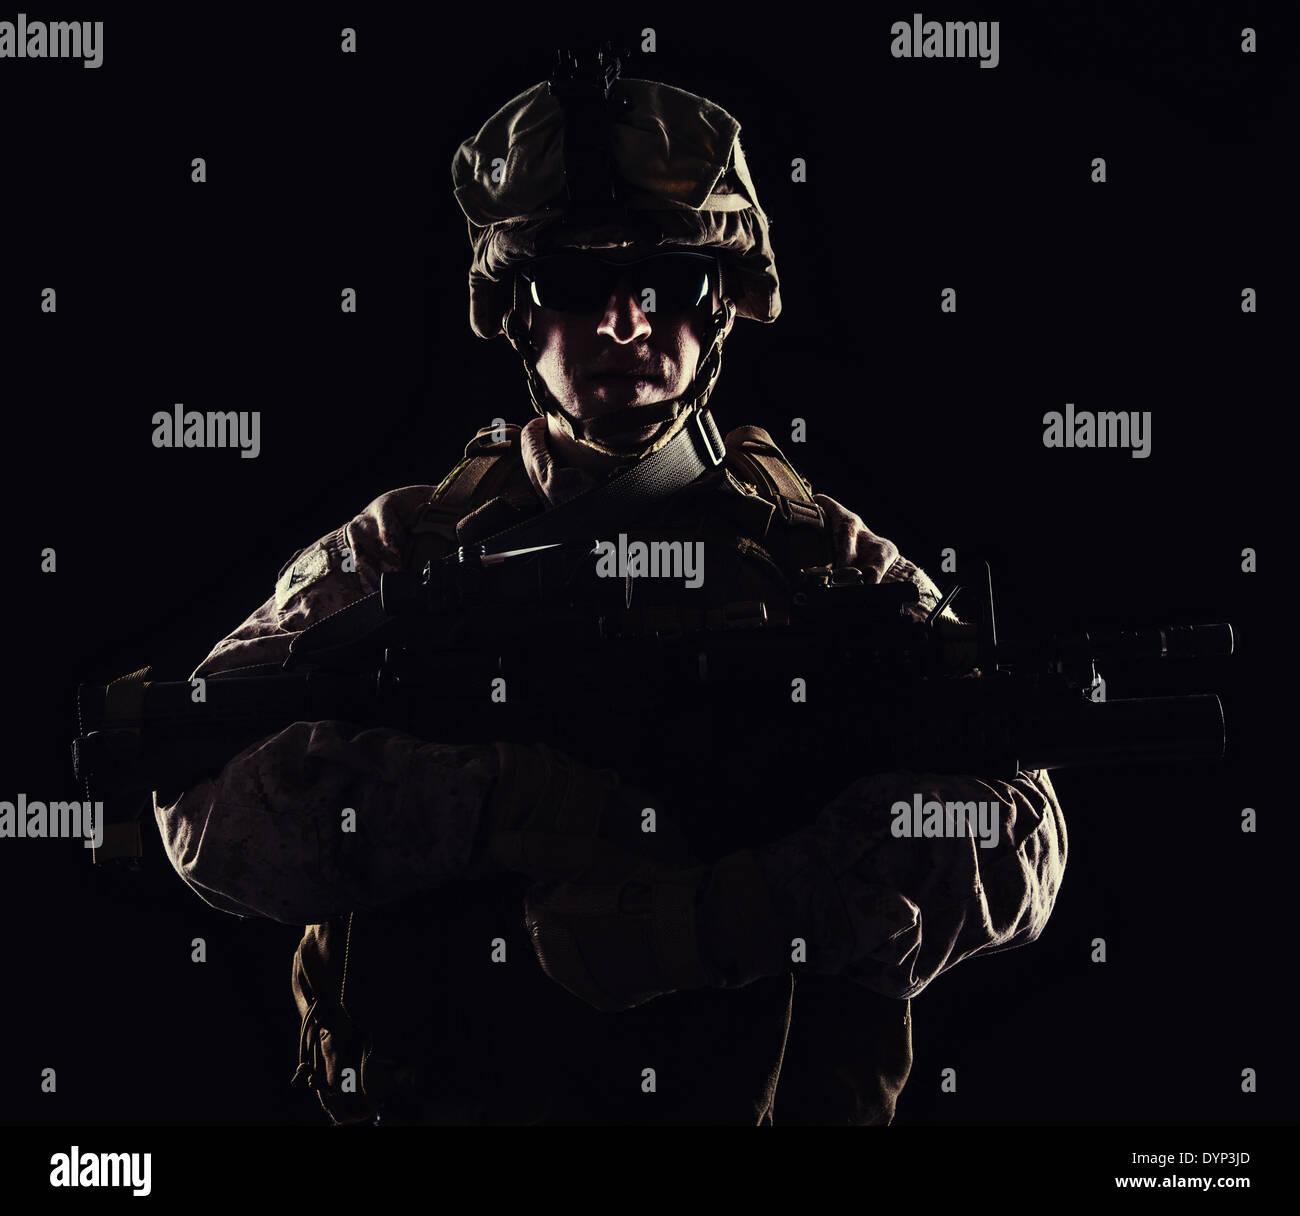 US marine Kontur Studio gedreht auf schwarzem Hintergrund Stockbild